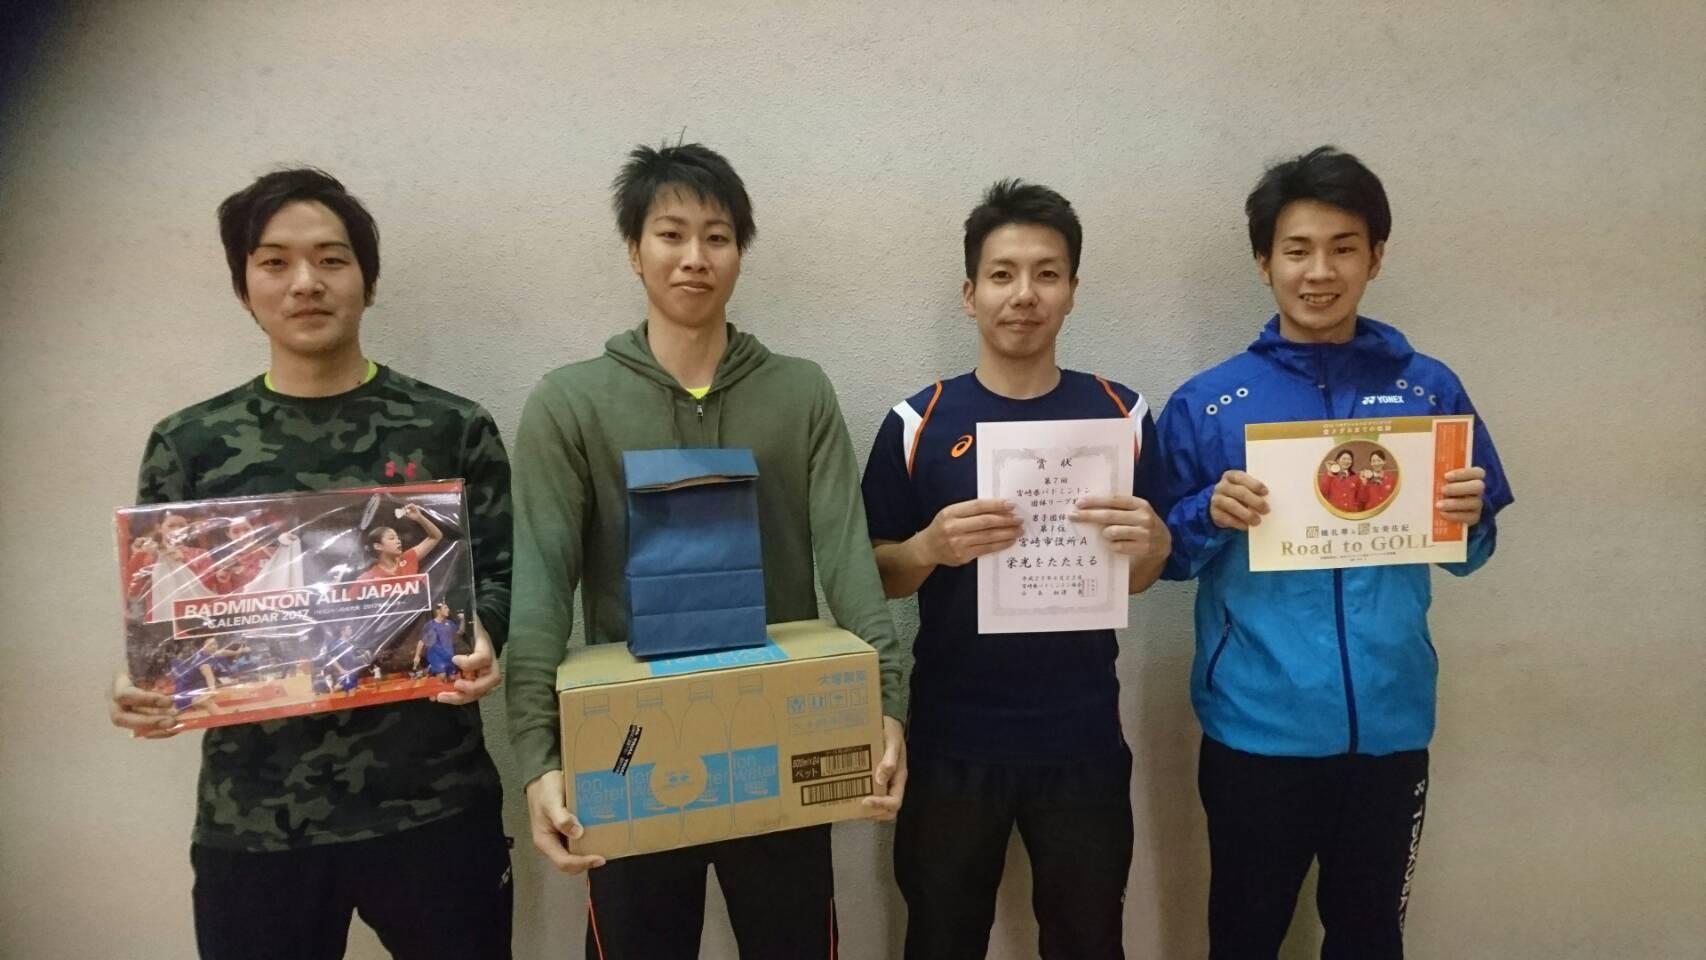 第7回宮崎県バドミントン団体リーグ戦